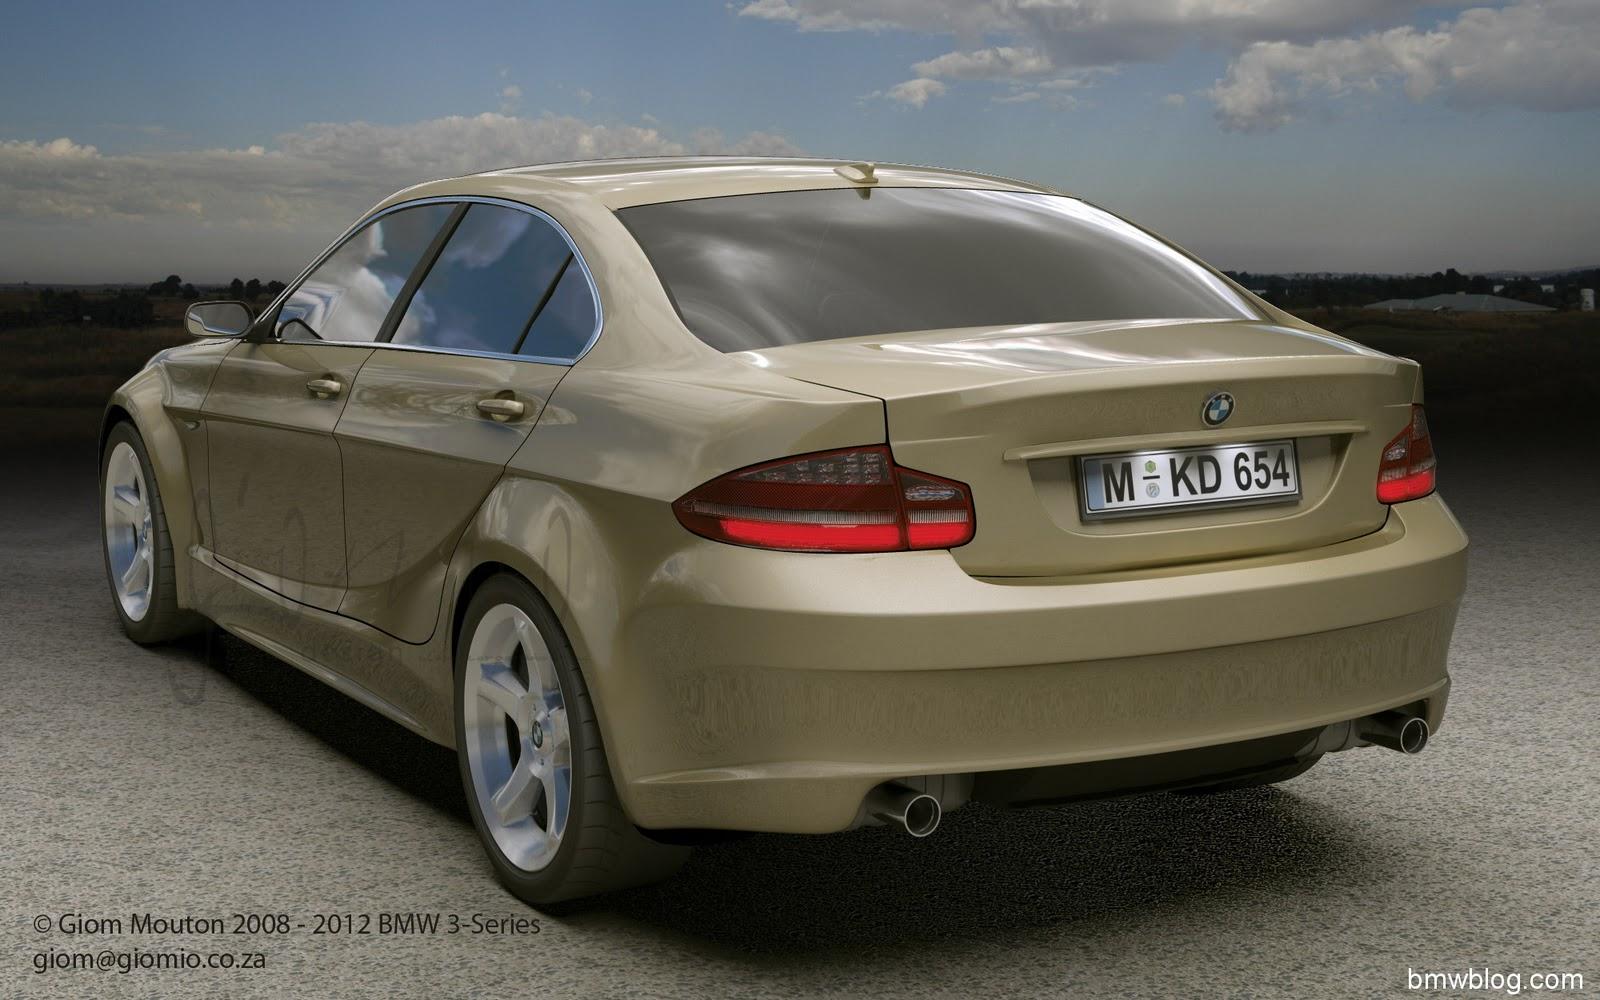 http://4.bp.blogspot.com/-RiTrVtFuImg/TZyDj_P34_I/AAAAAAAAAM8/eeBIZbWlZ5g/s1600/2012-BMW-3Series.jpg